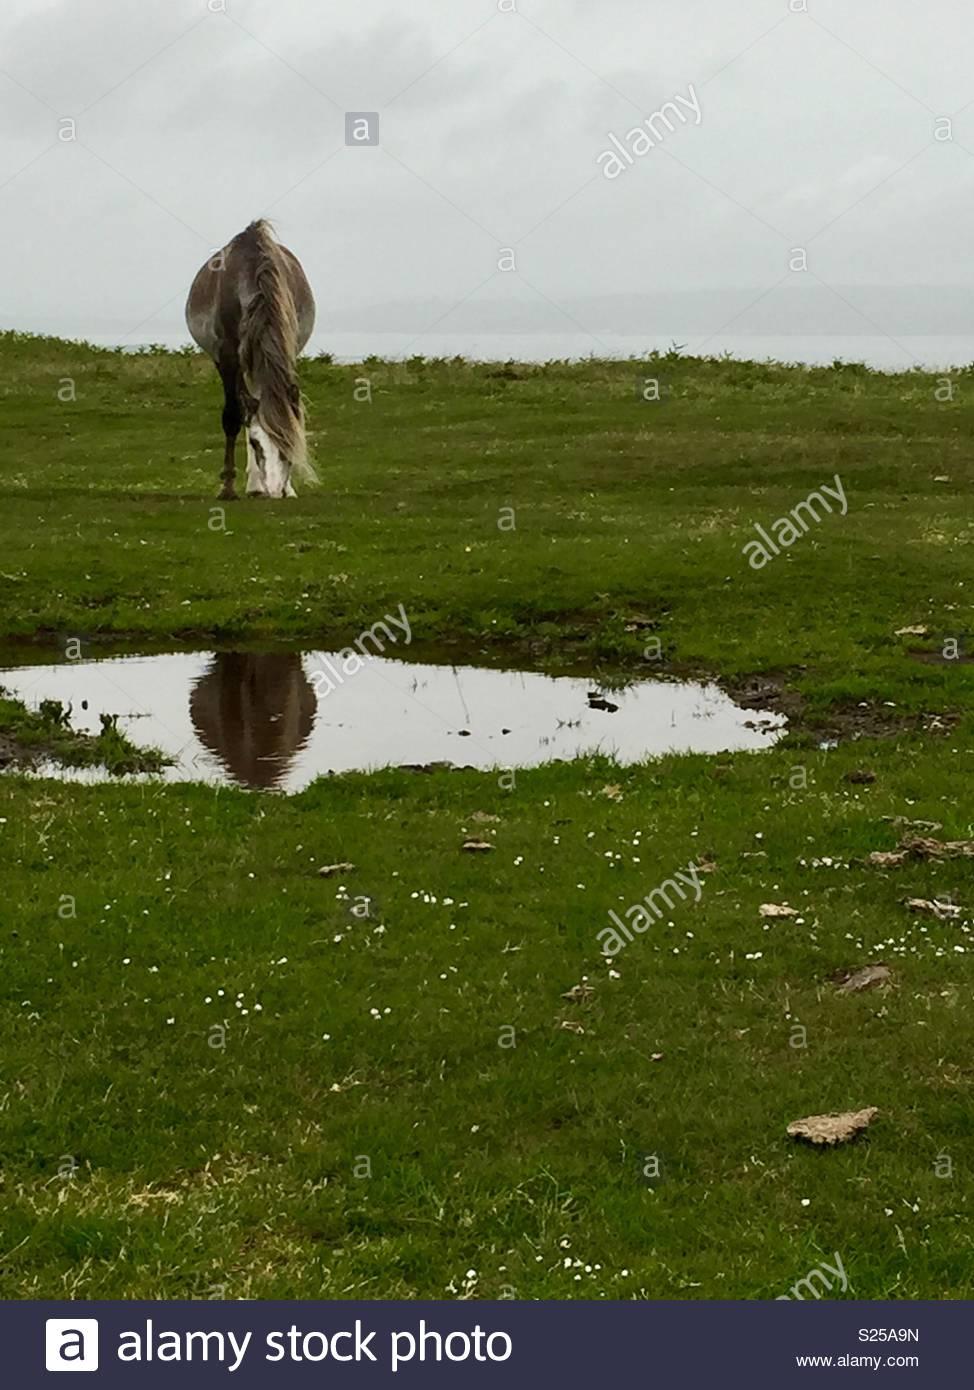 Pferd spiegelt sich im Wasser in Feld Stockbild